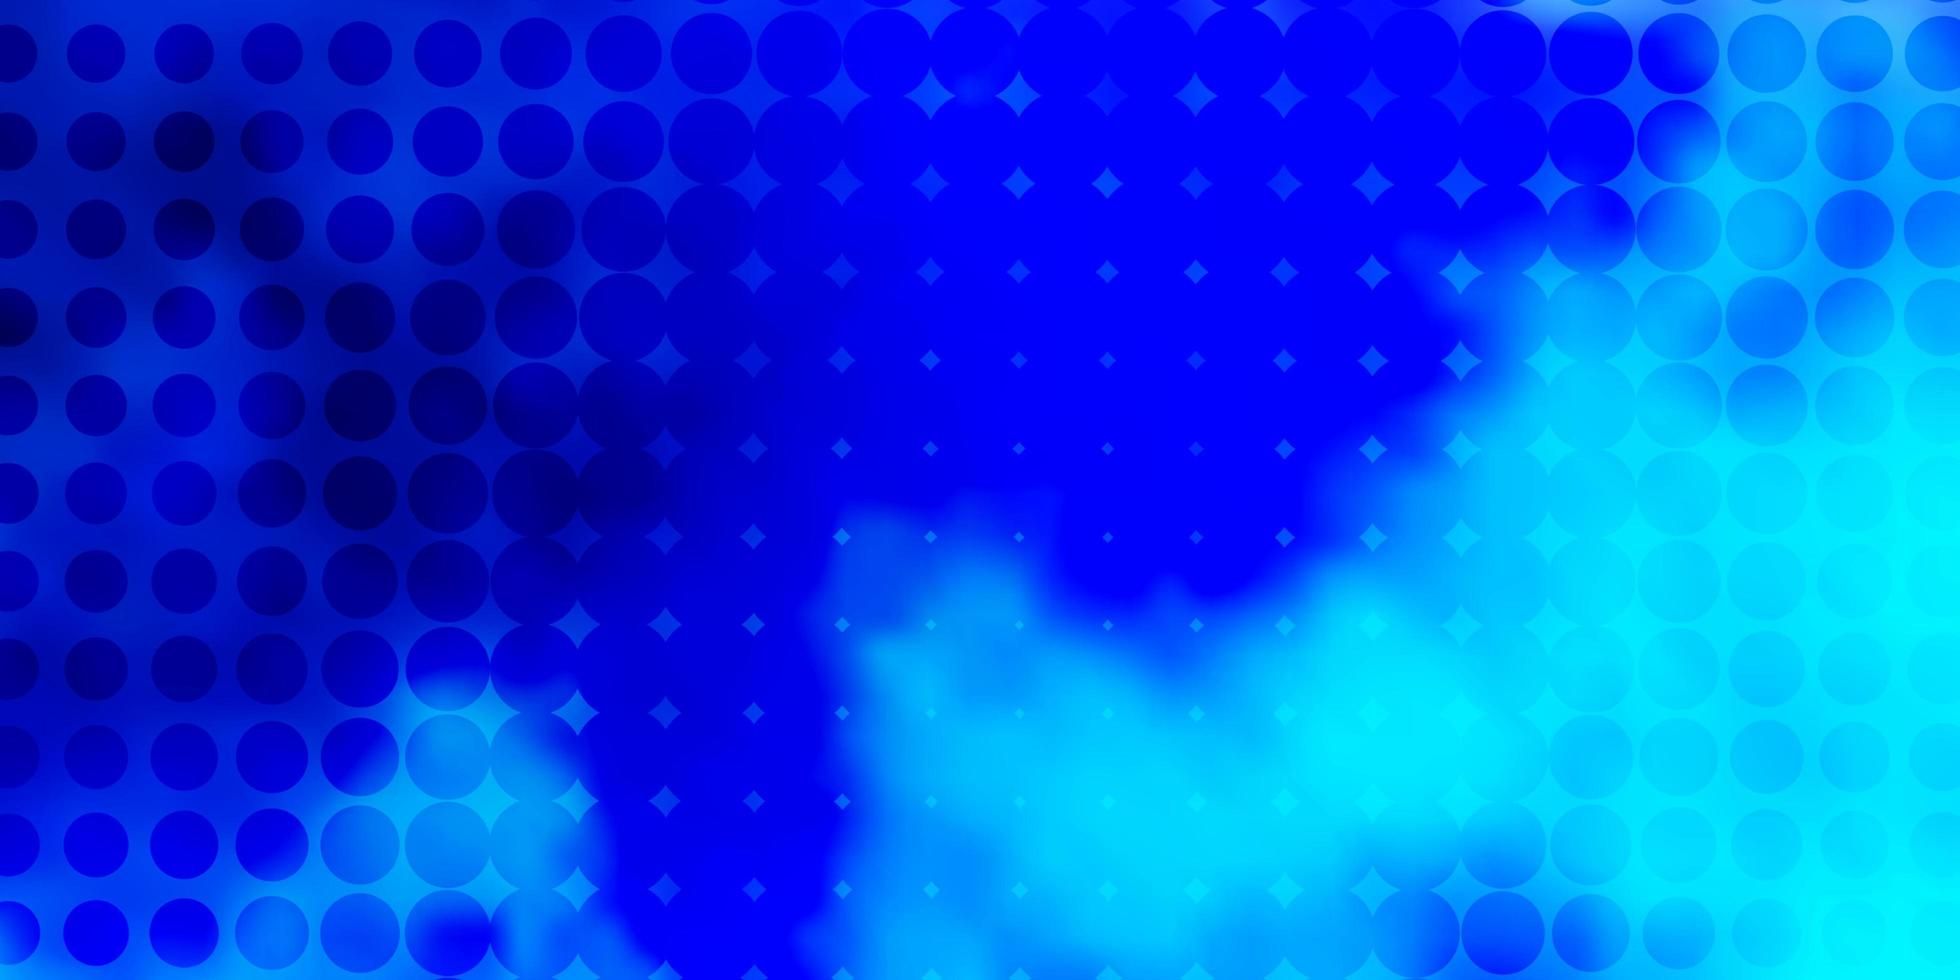 blauw patroon met bollen. vector